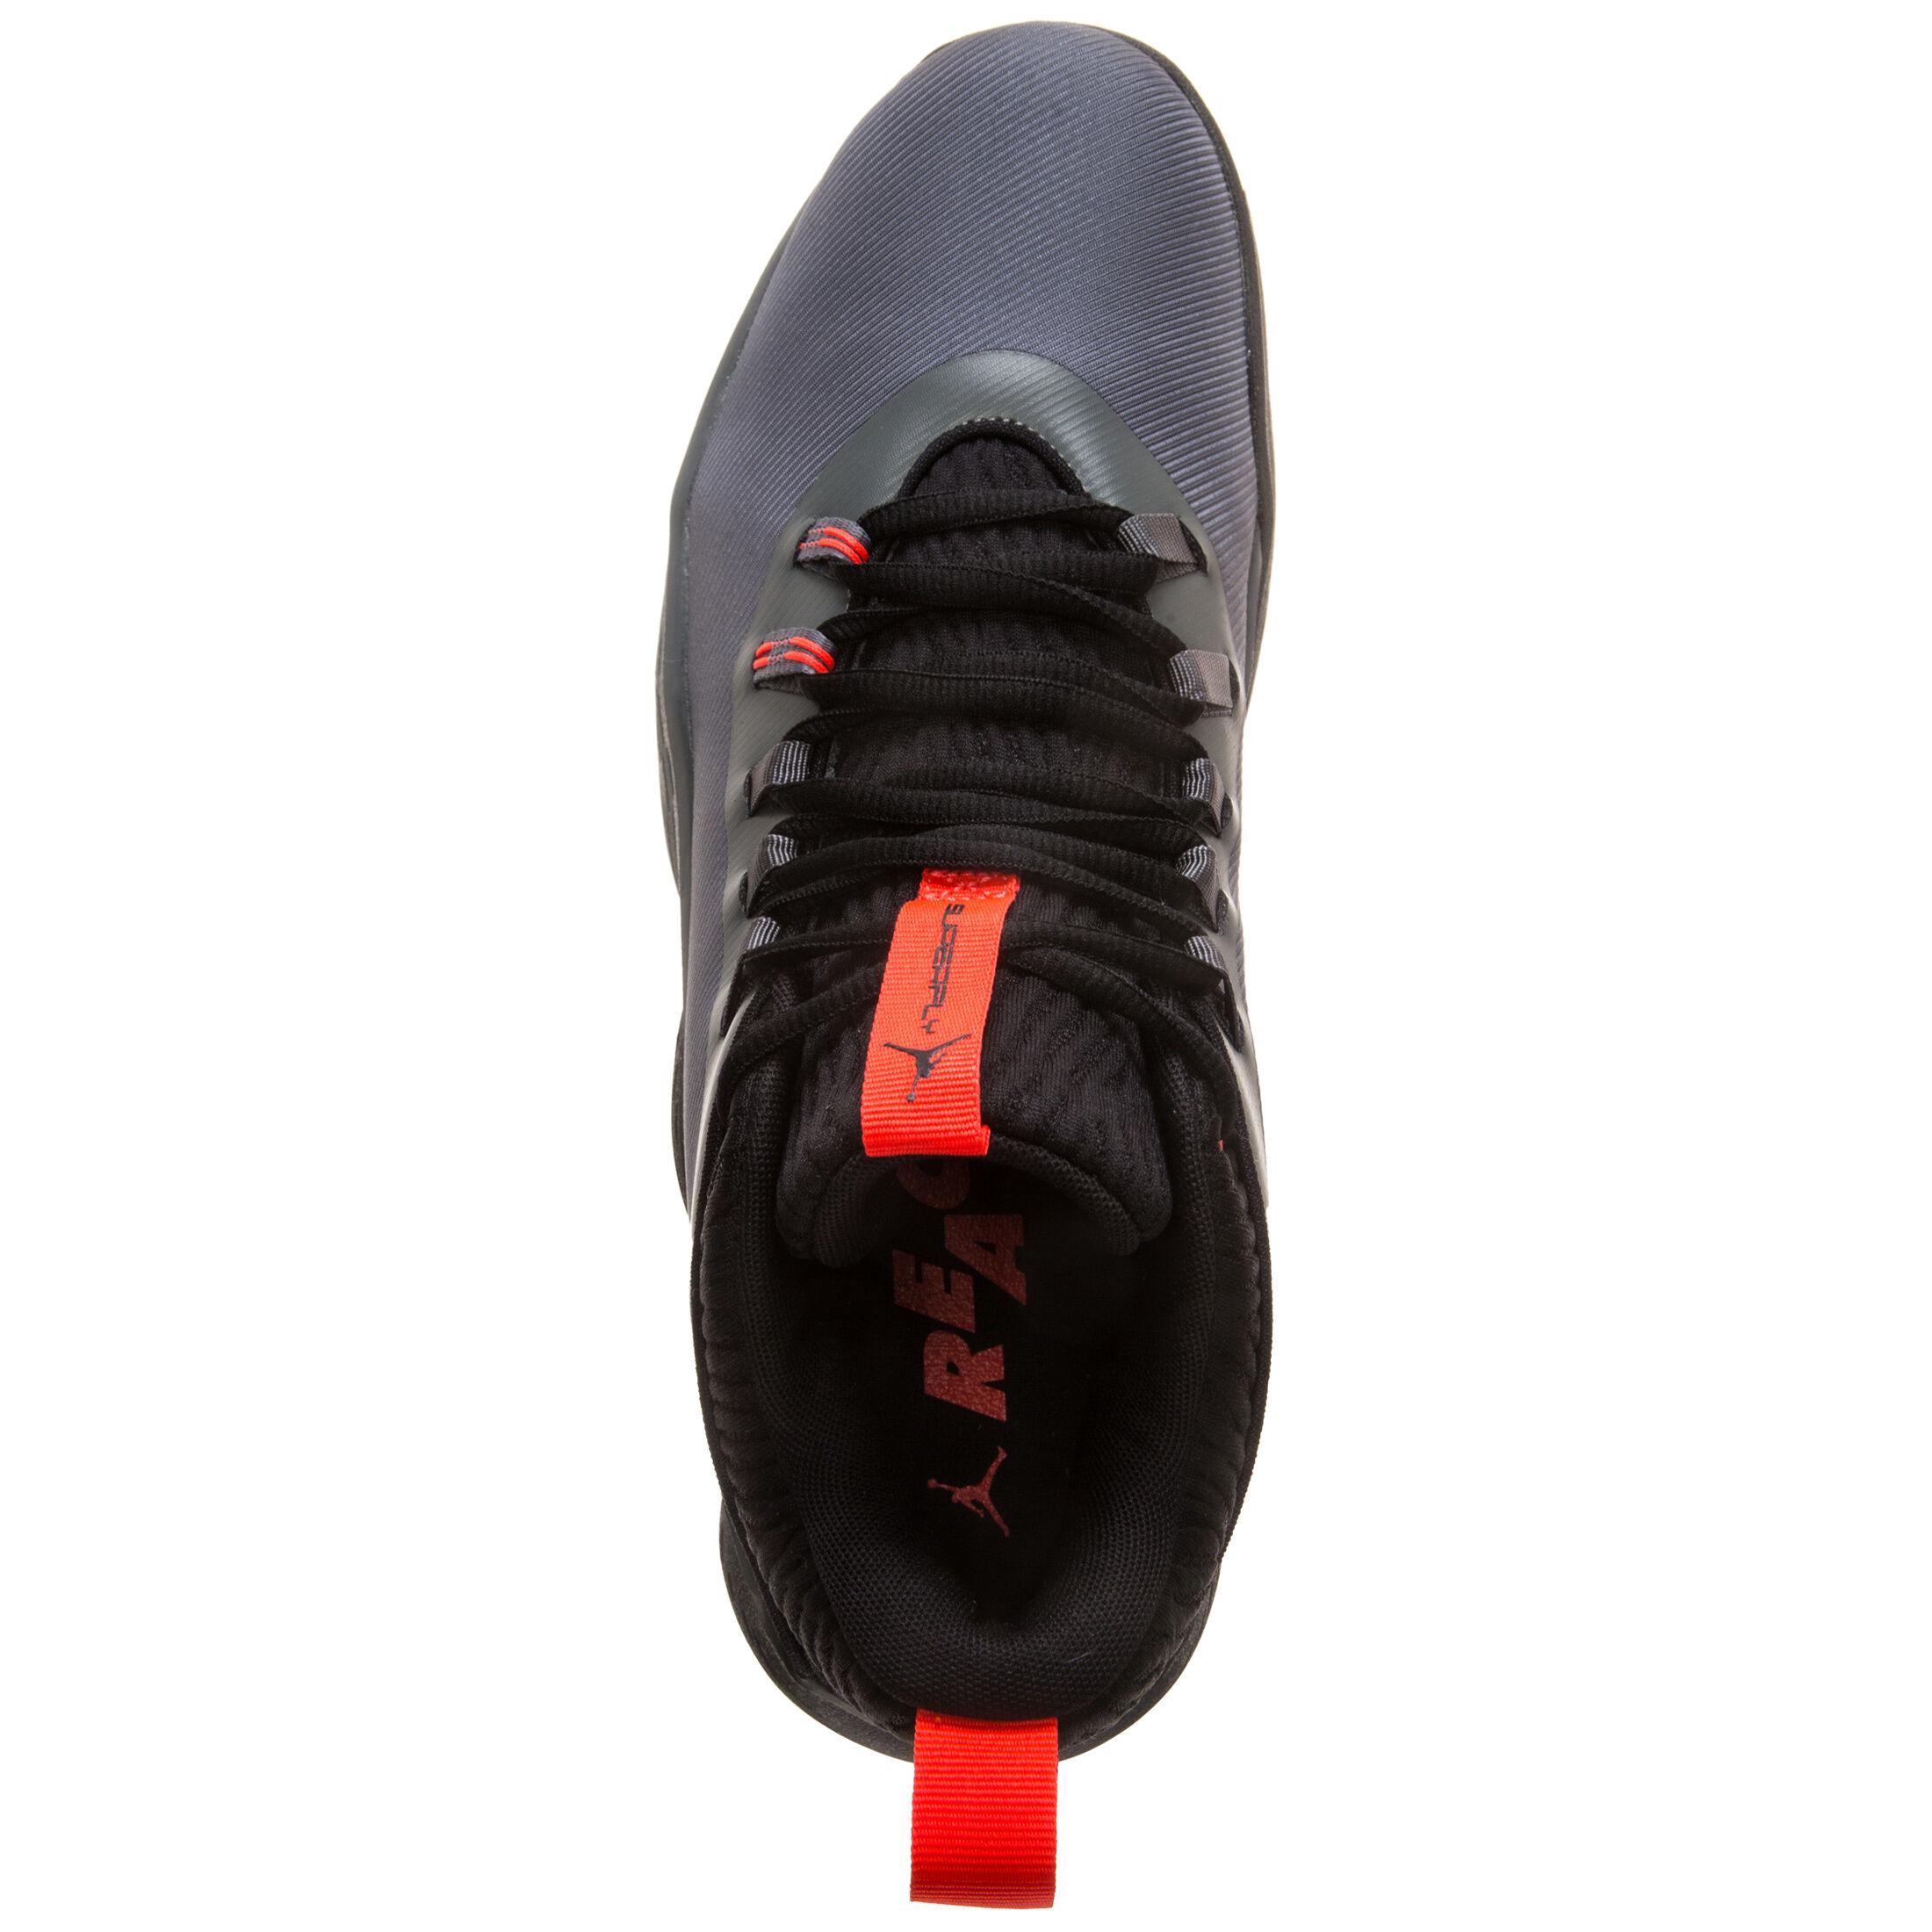 Jordan 1 Low Herren Sneaker Grau Schwarz Online